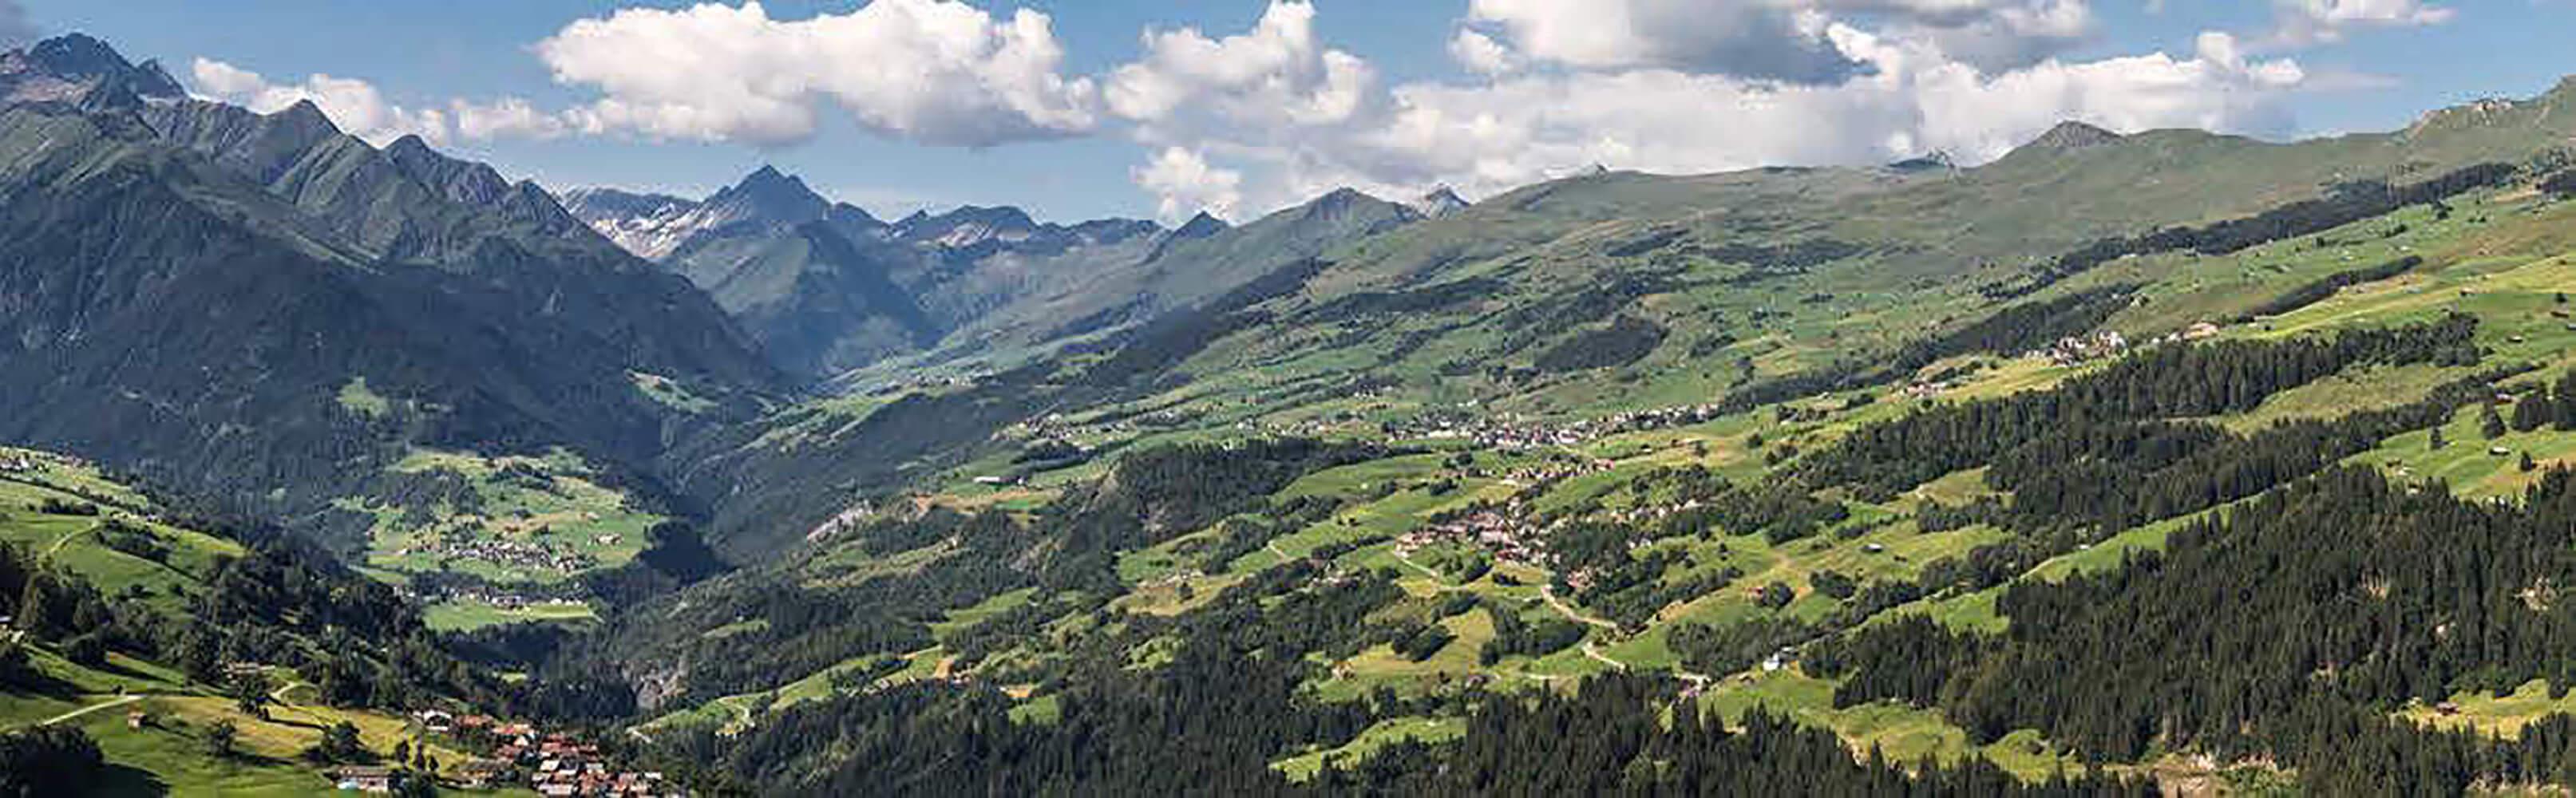 Val Lumnezia – Ferienregion Surselva 1